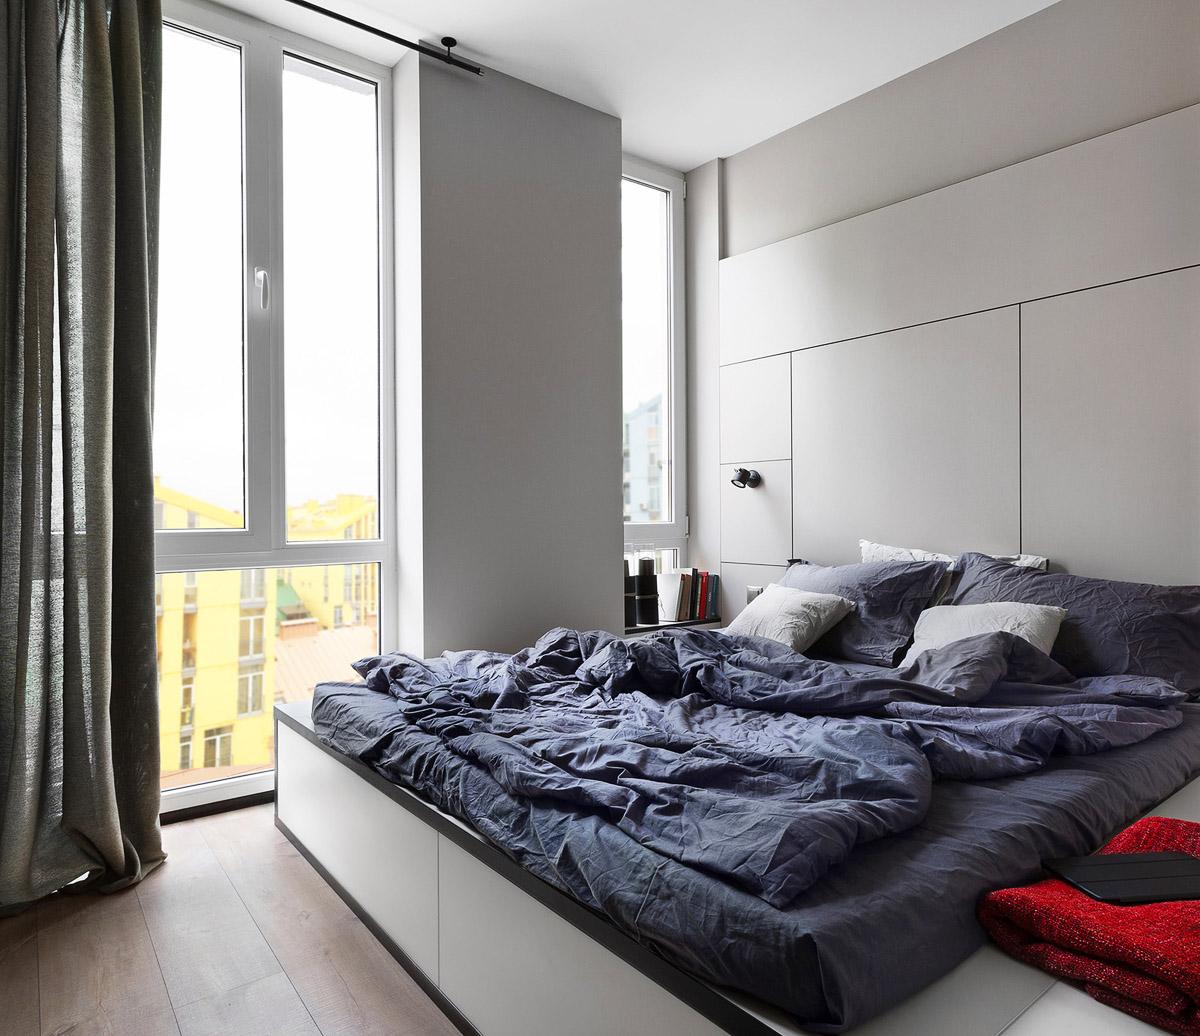 Дизайн спальни современные идеи, дизайн интерьера, Киев, Украина, фото